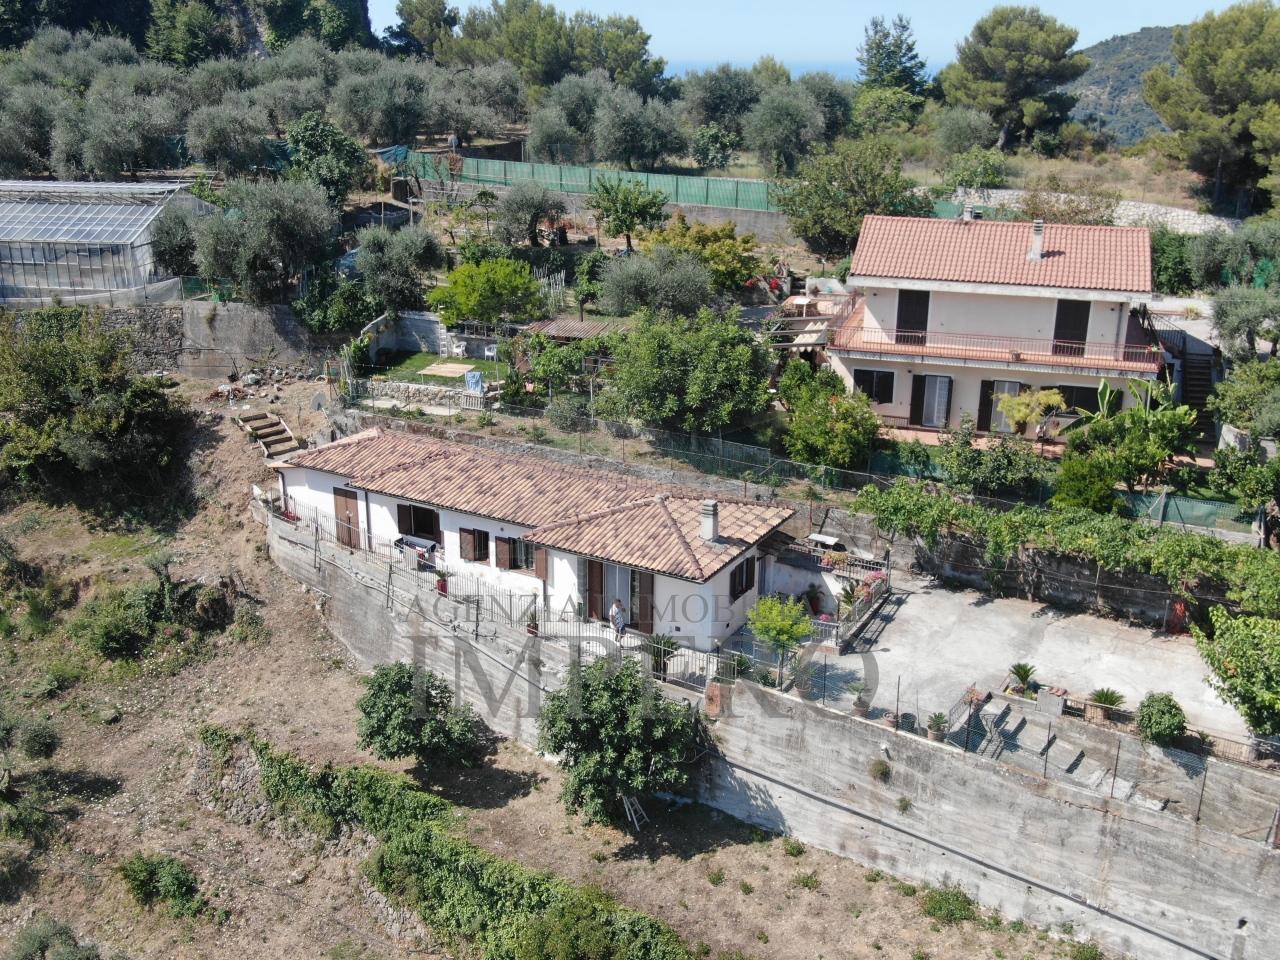 Casa - Indipendente a Sant'Anna, Ventimiglia